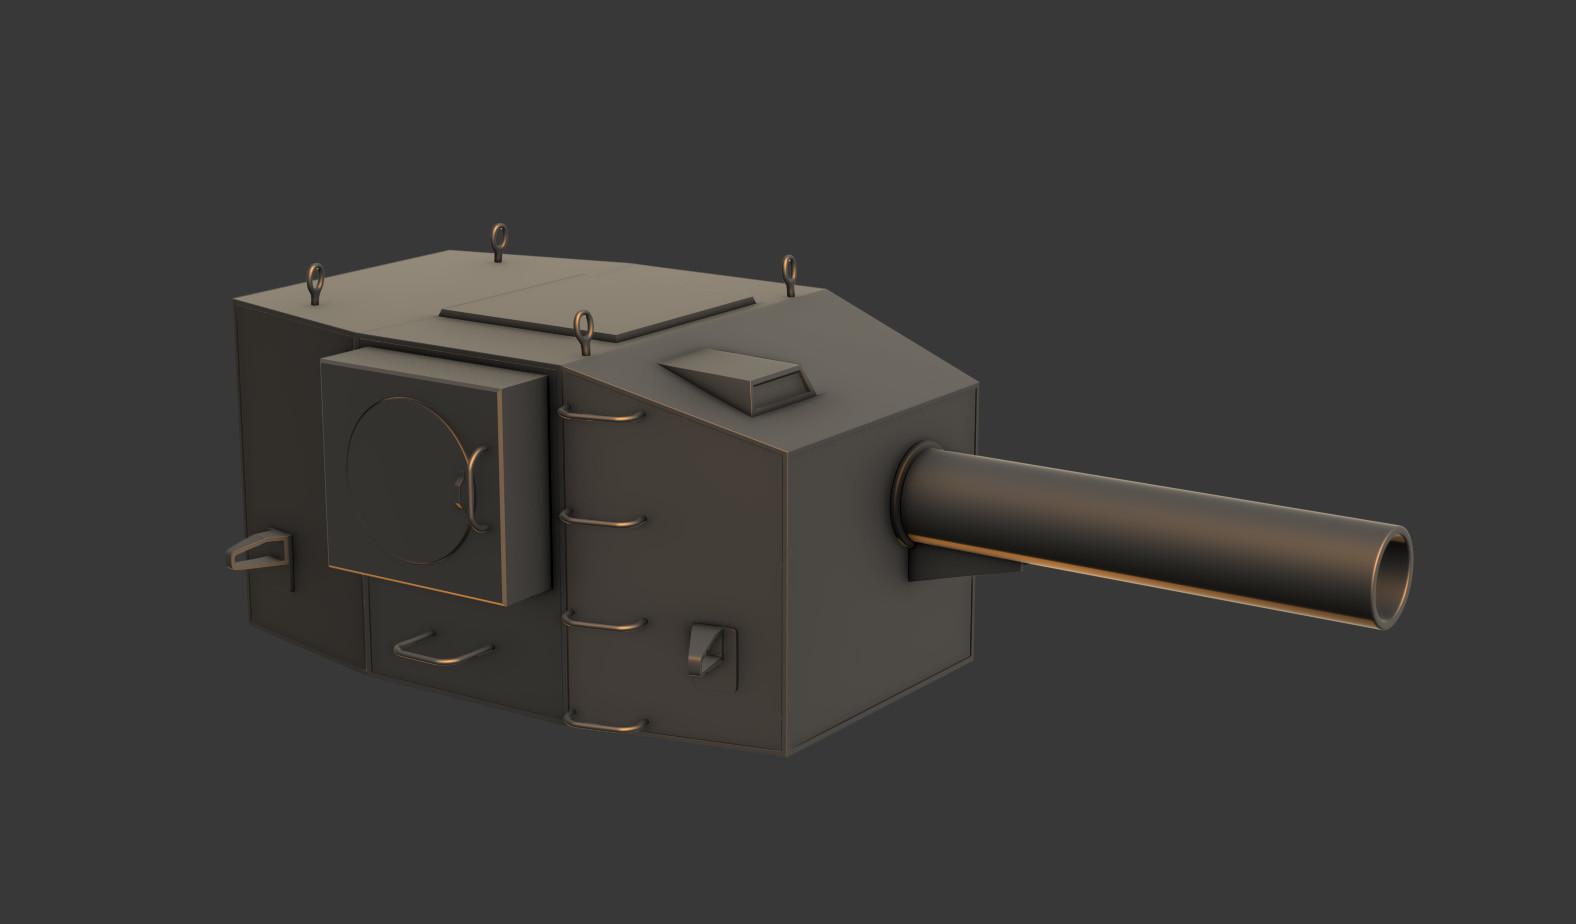 tankgun_01.jpg.42c63630a12841759d188e2a4dd12b5a.jpg